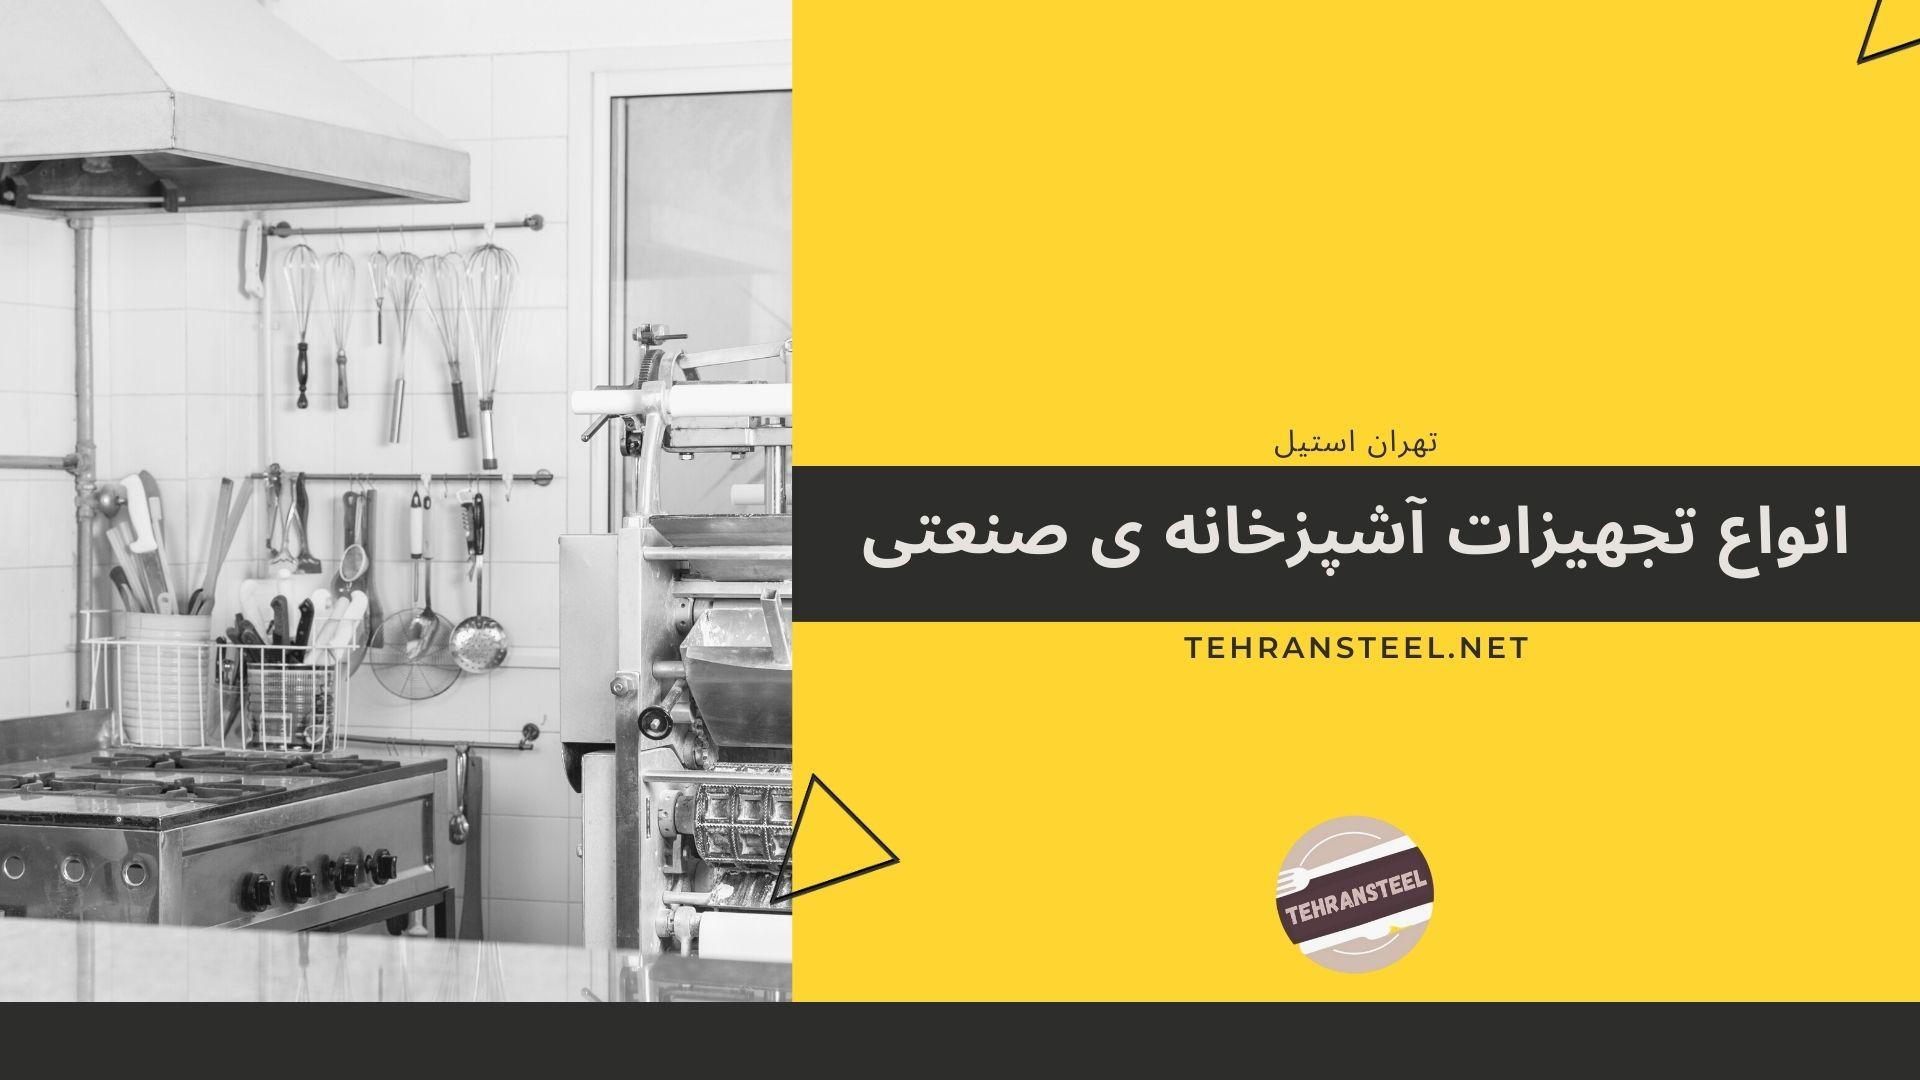 انواع تجهیزات آشپزخانه ی صنعتی